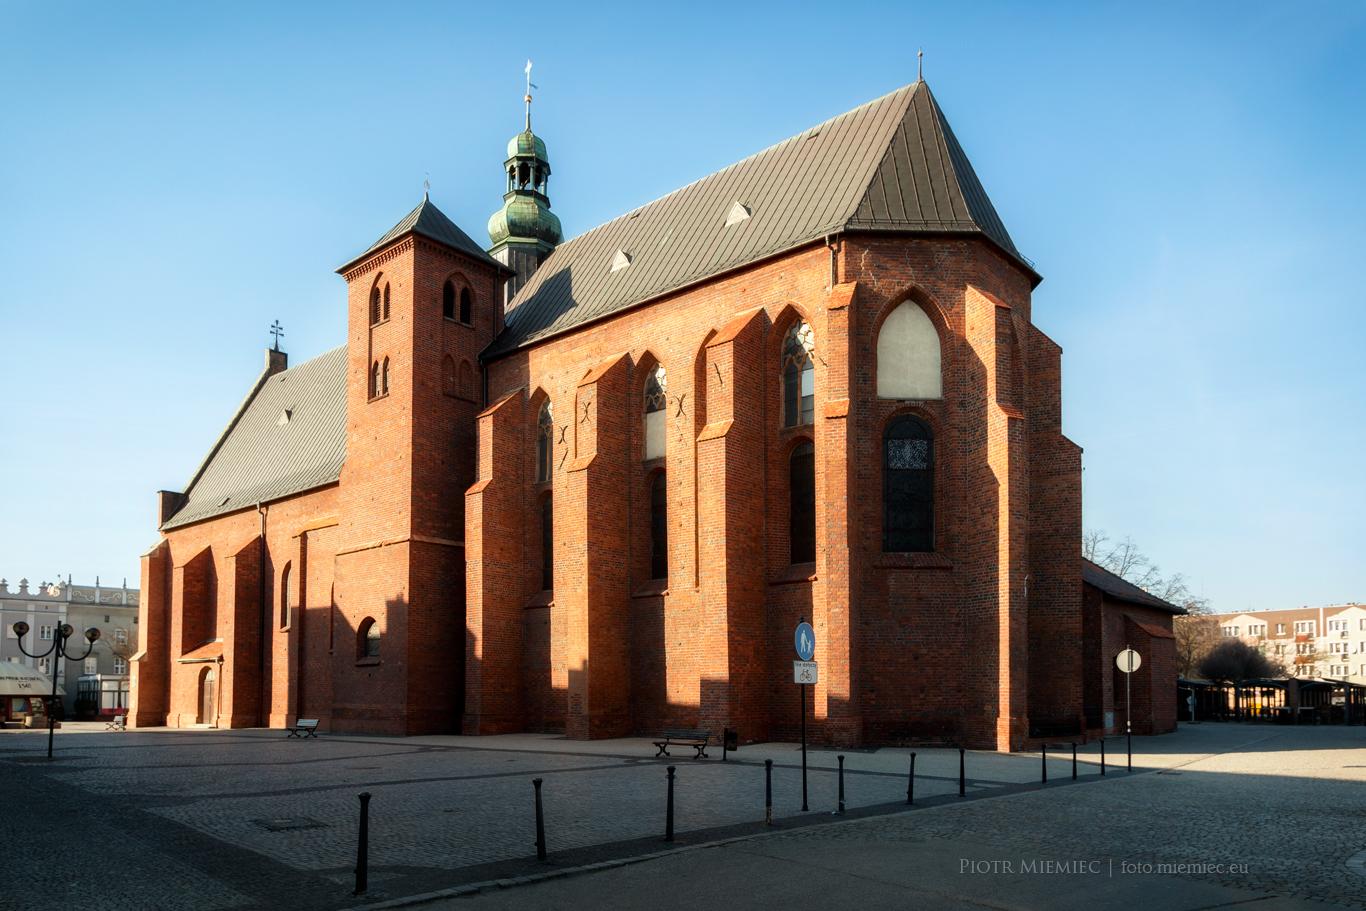 Kościół św. Jakuba w Raciborzu.